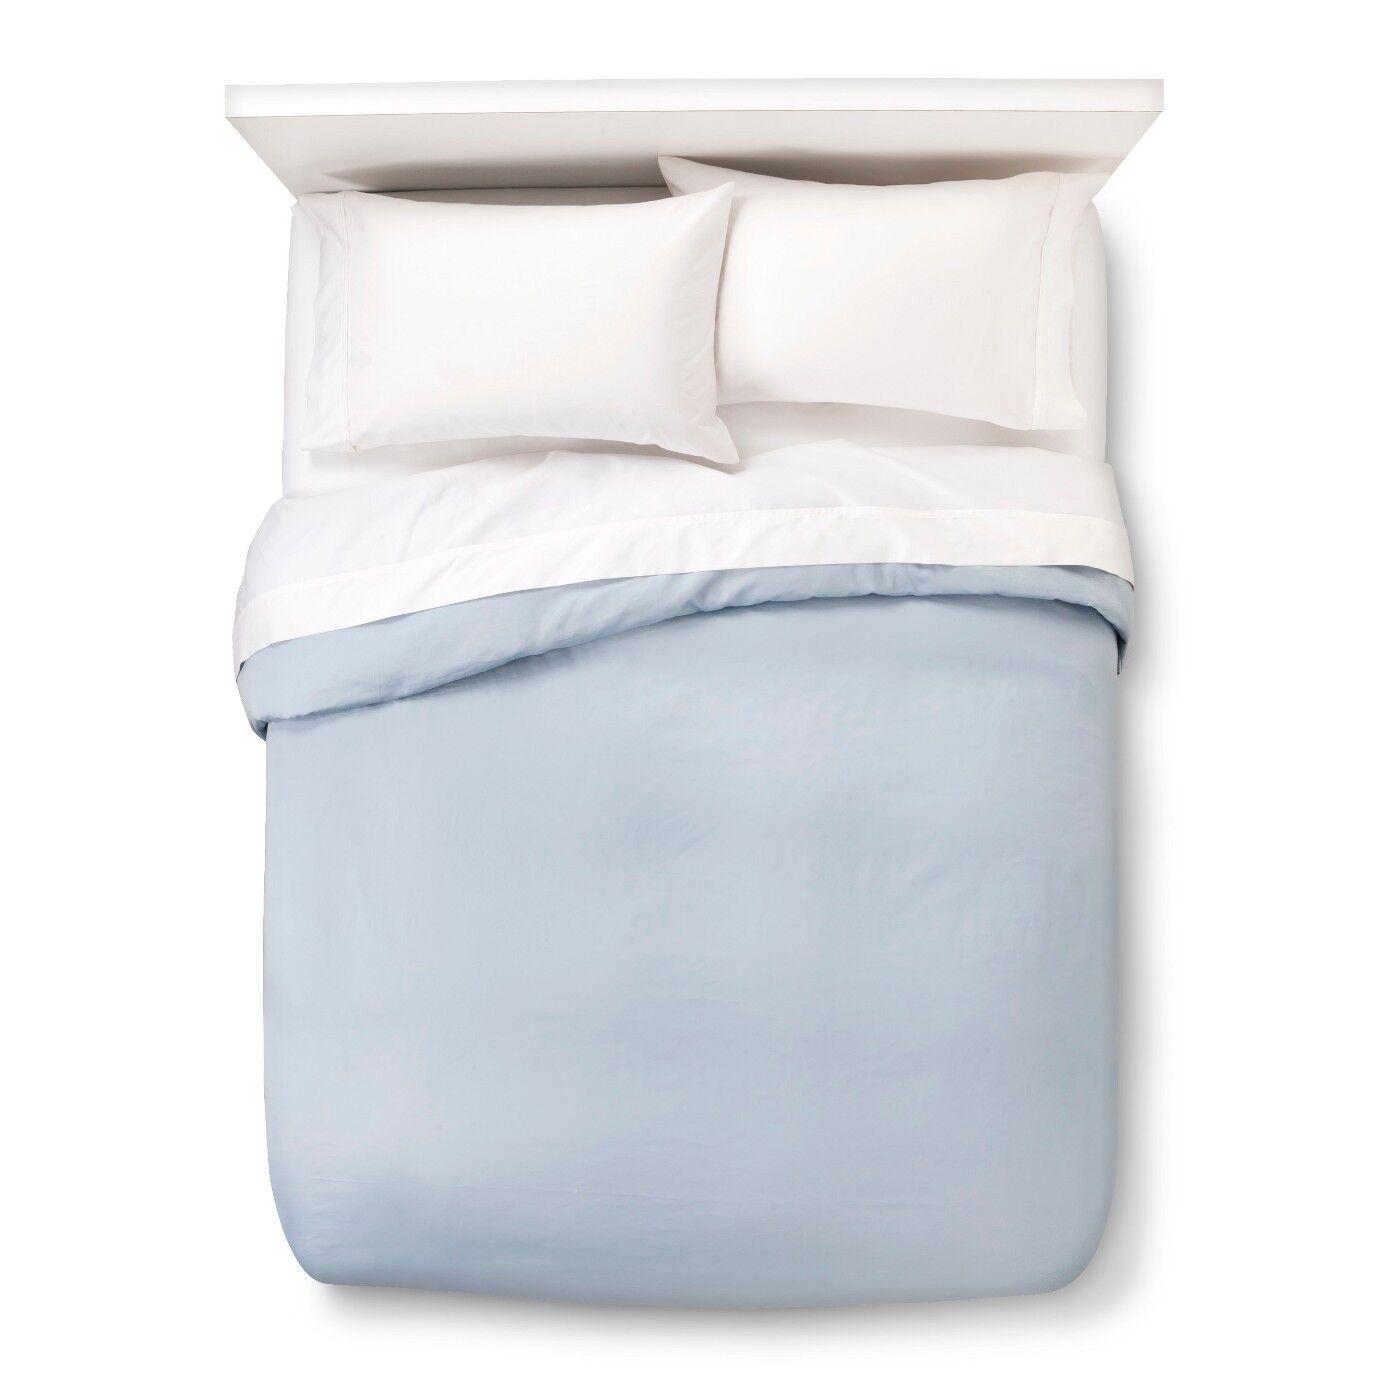 Kassatex Letto 300 TC Egyptian Cotton Sateen Duvet Cover Full Queen Light bluee